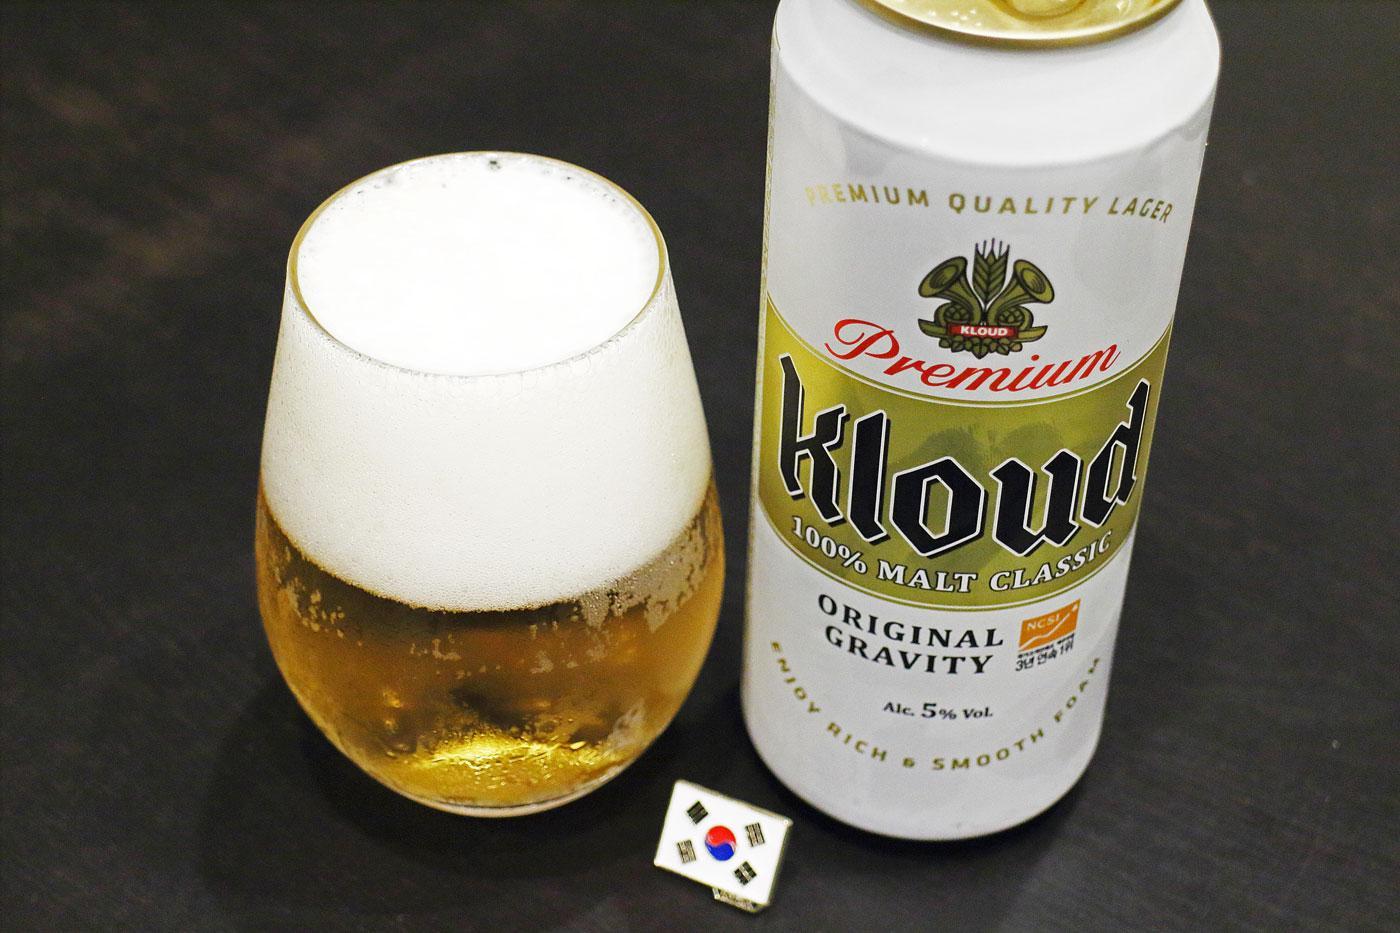 韓国のビール「Kloud(クラウド)」堪能!【世界遺産とビールと私】